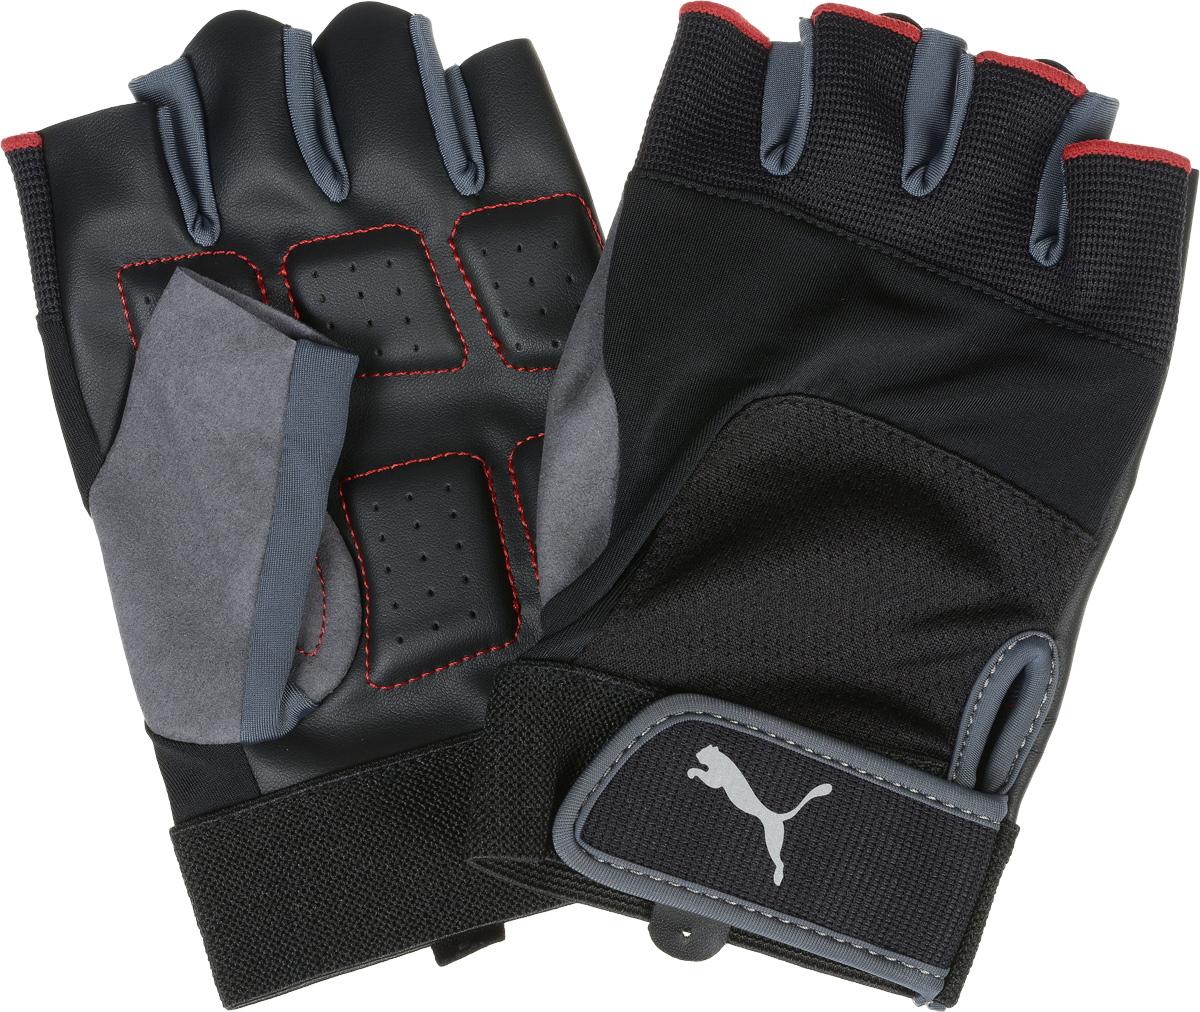 Перчатки для фитнеса Puma Training Gloves Up, цвет: черный, серый. 04114401. Размер L (27)